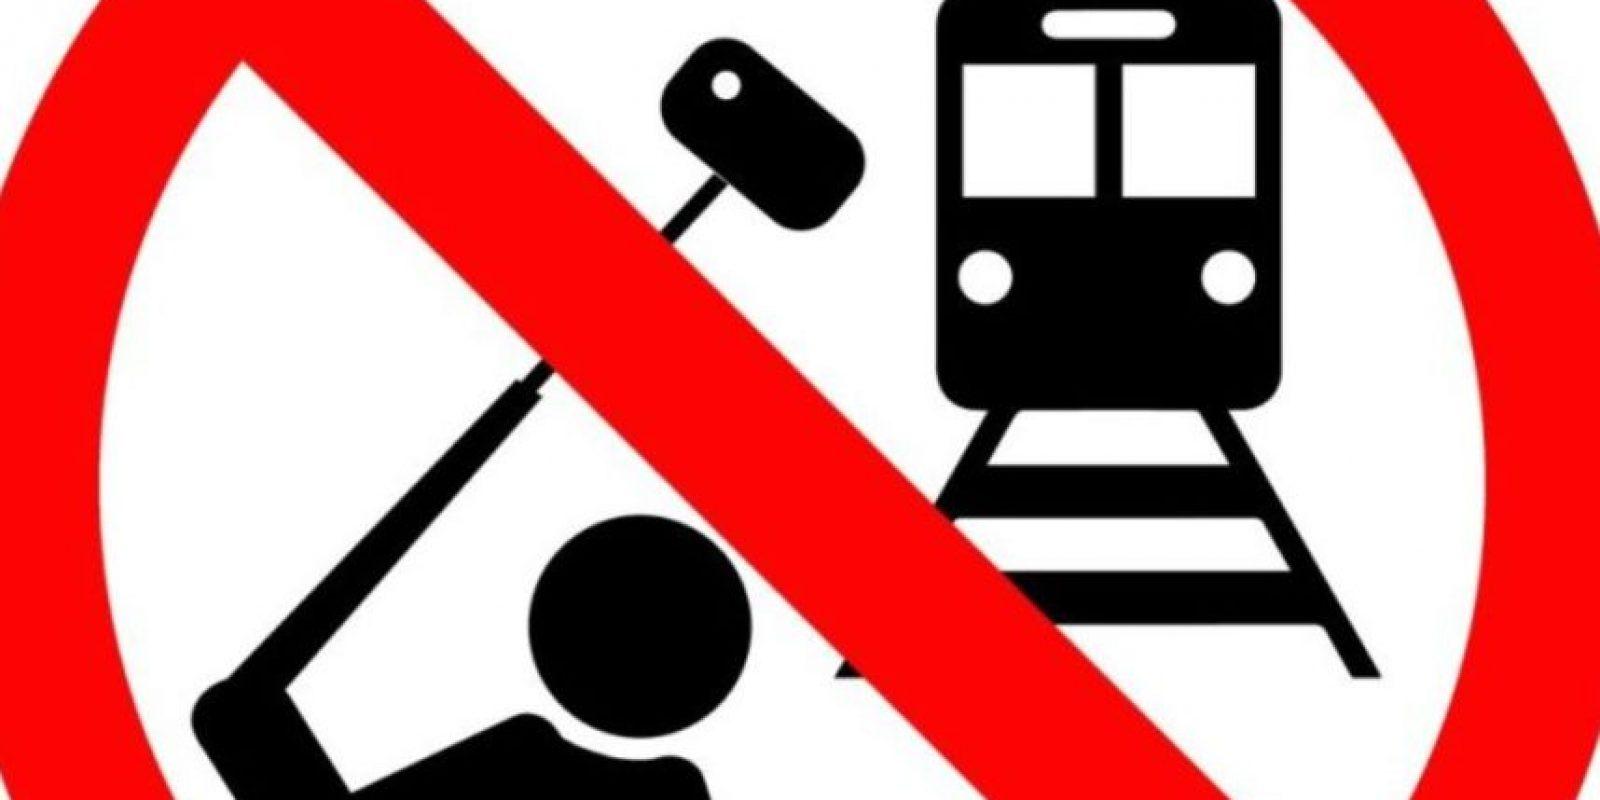 No tomarse selfies en la vías del tren. Foto:vía mvd.ru